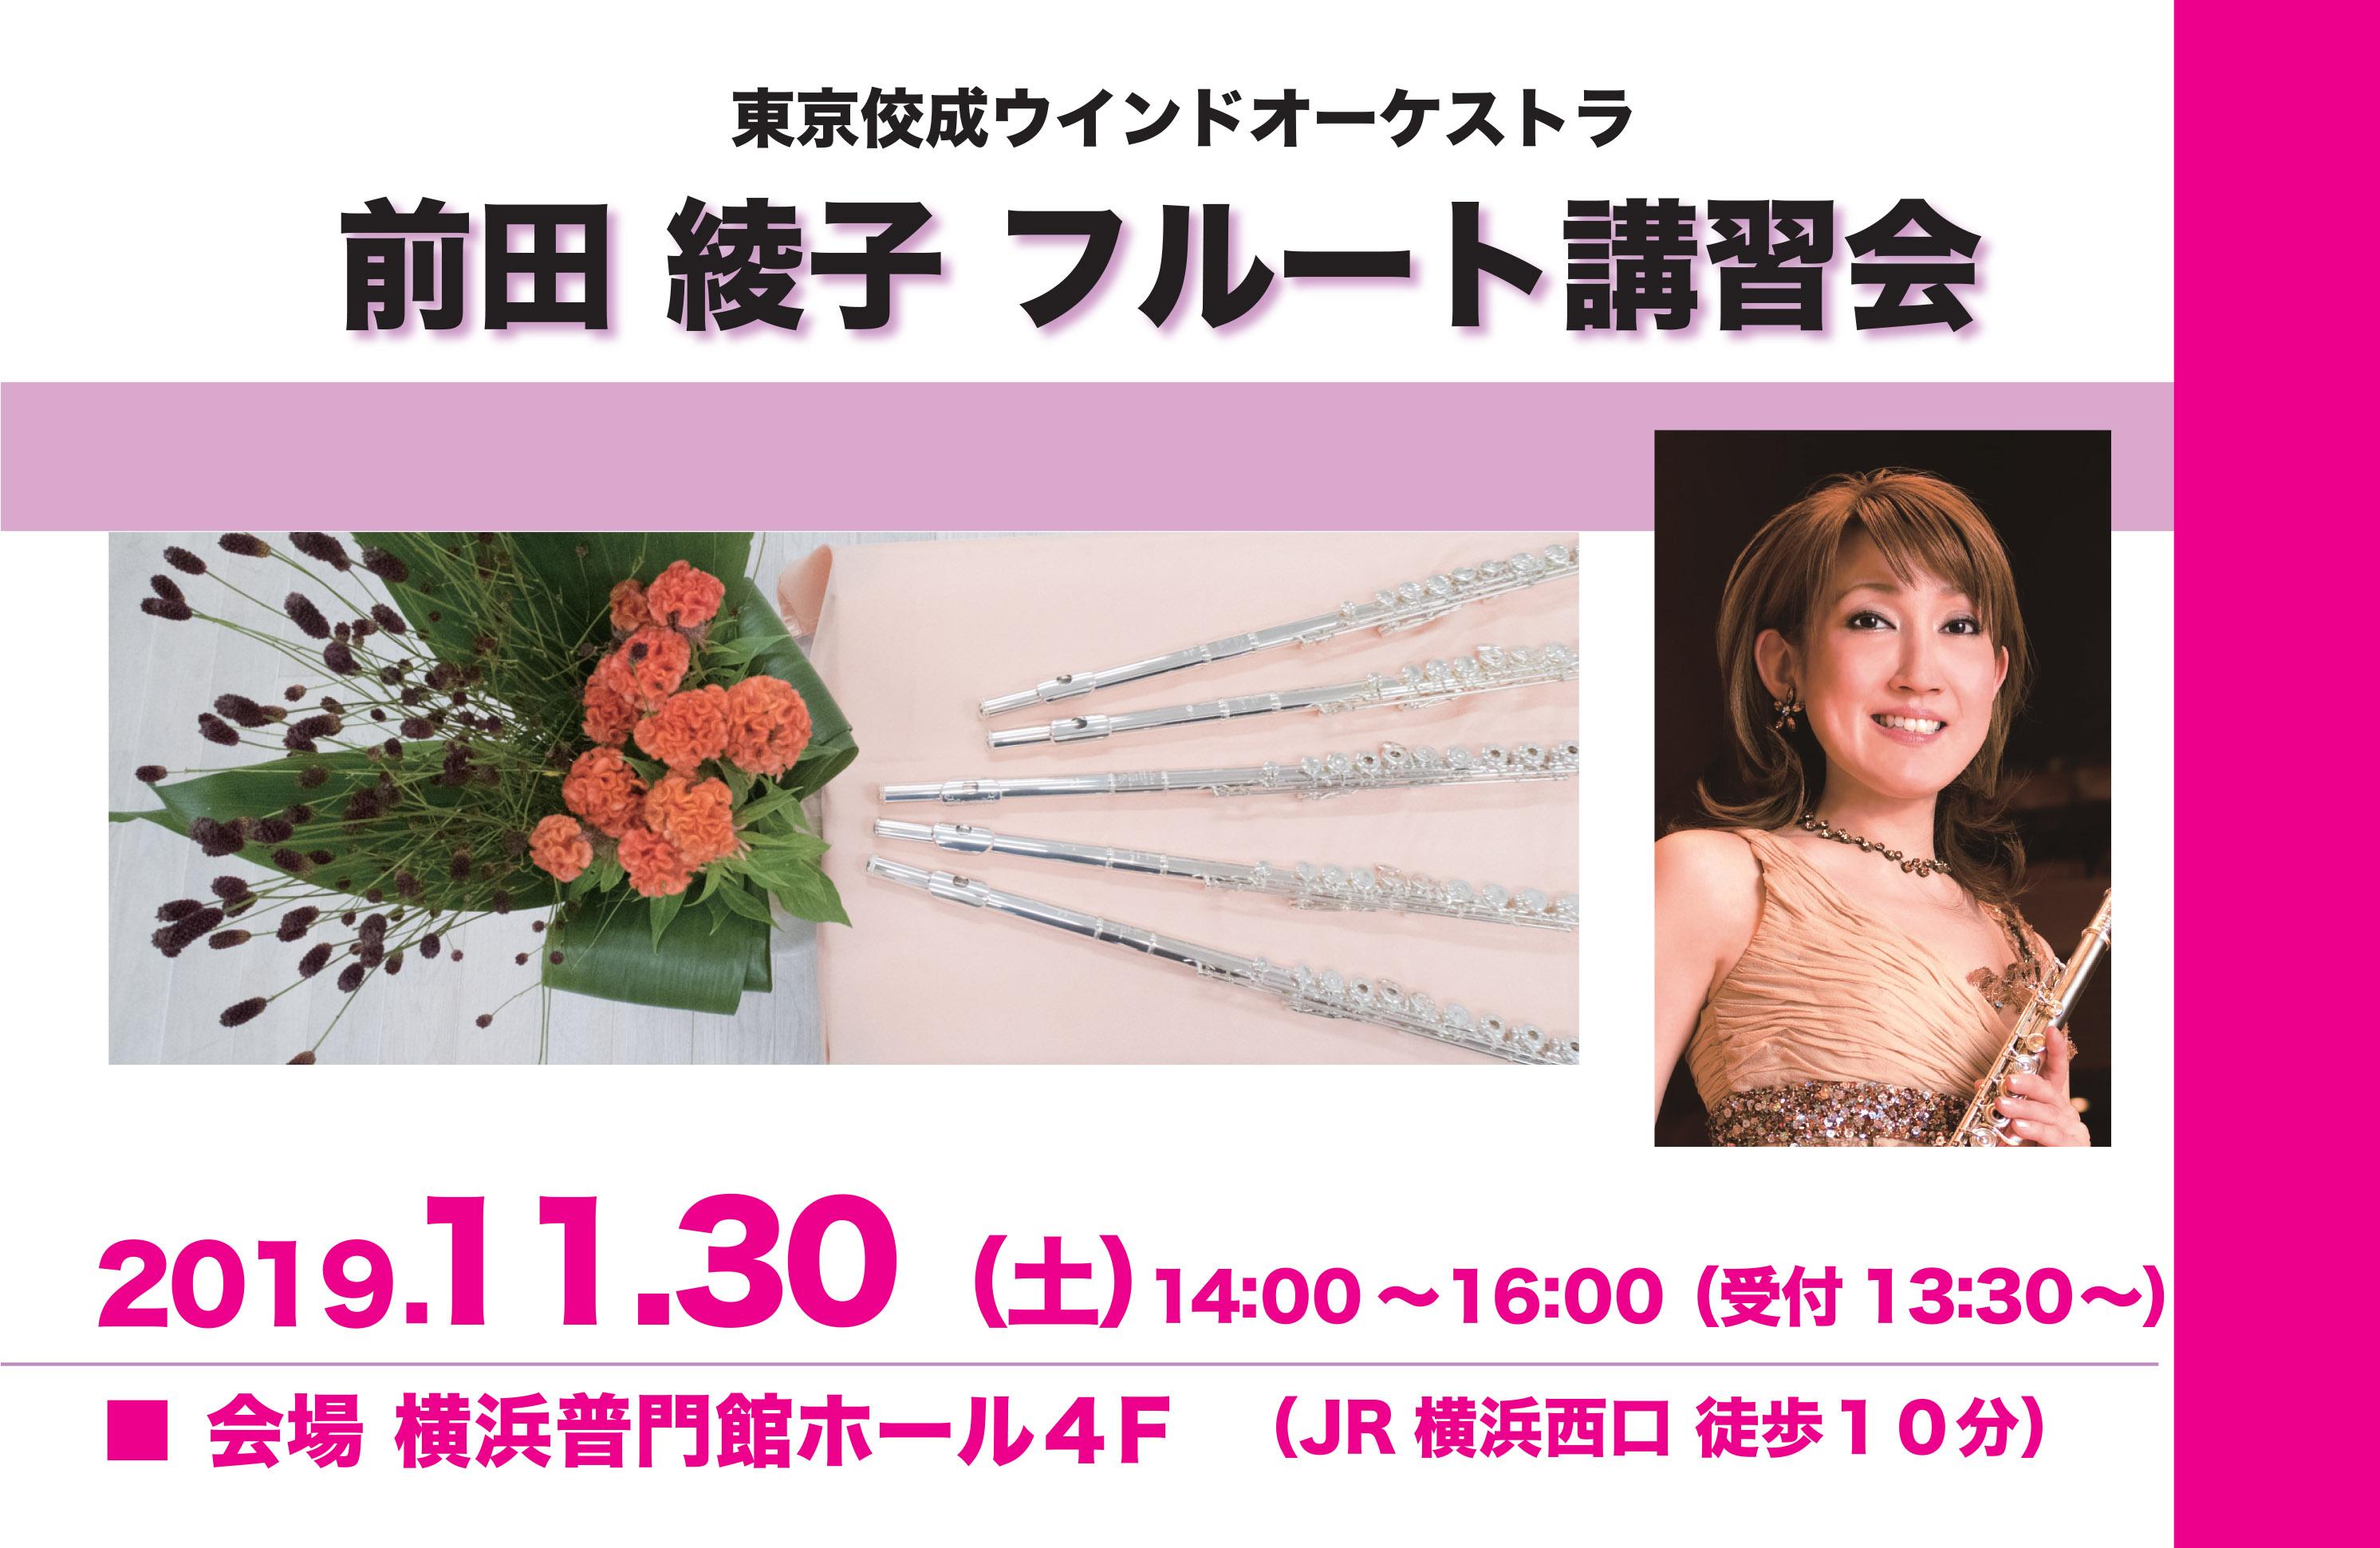 11/30(土) 前田綾子先生 フルート講習会